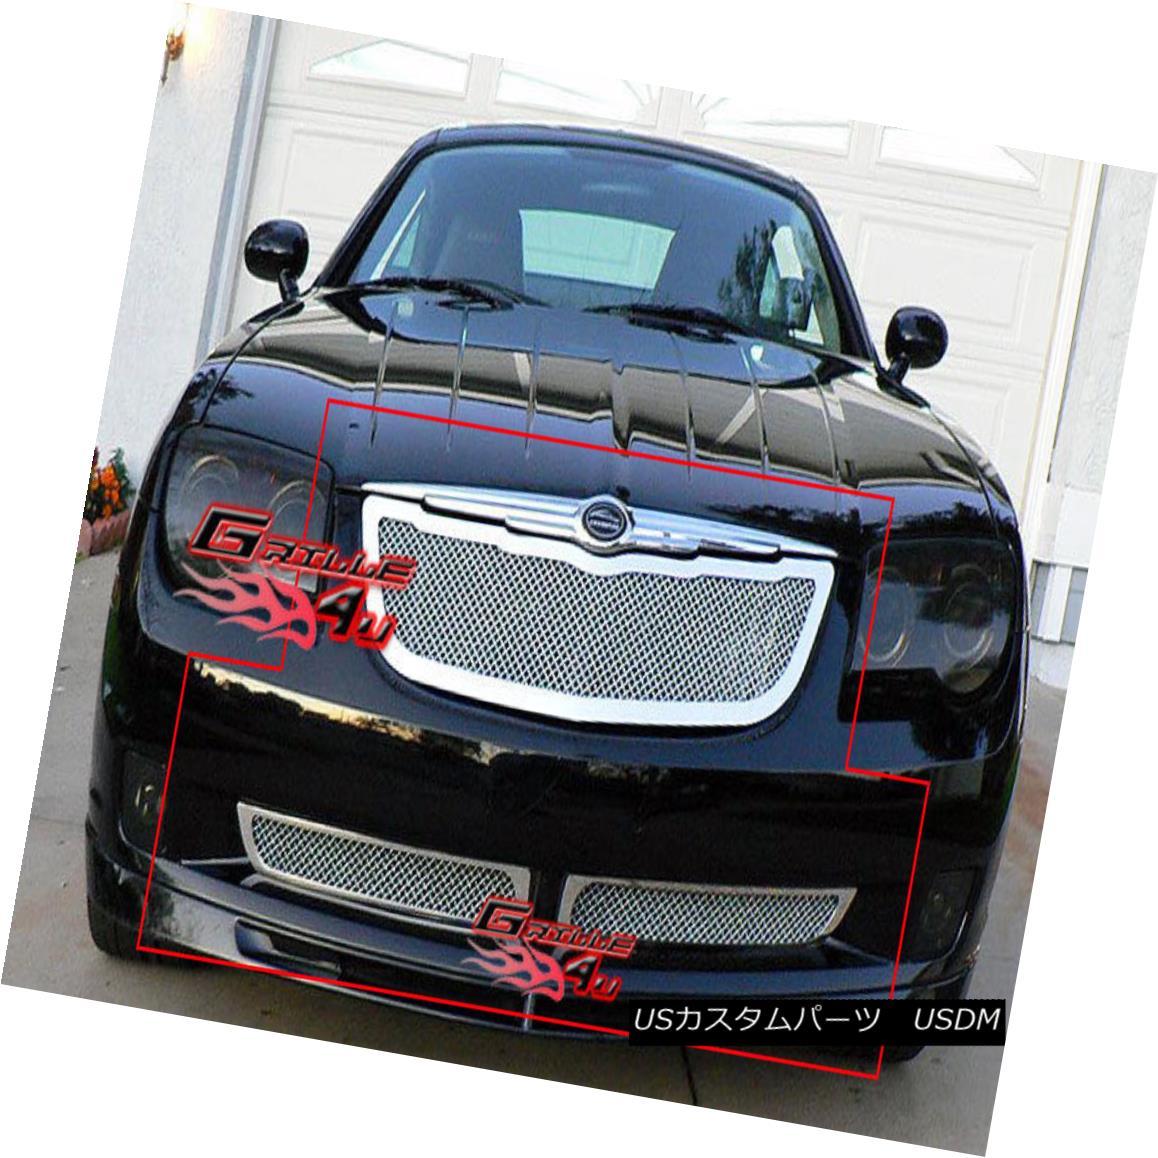 グリル Fits 2004-2008 Chrysler Crossfire Stainless Mesh Grille Combo フィット2004-2008クライスラークロスファイアステンレスメッシュグリルコンボ